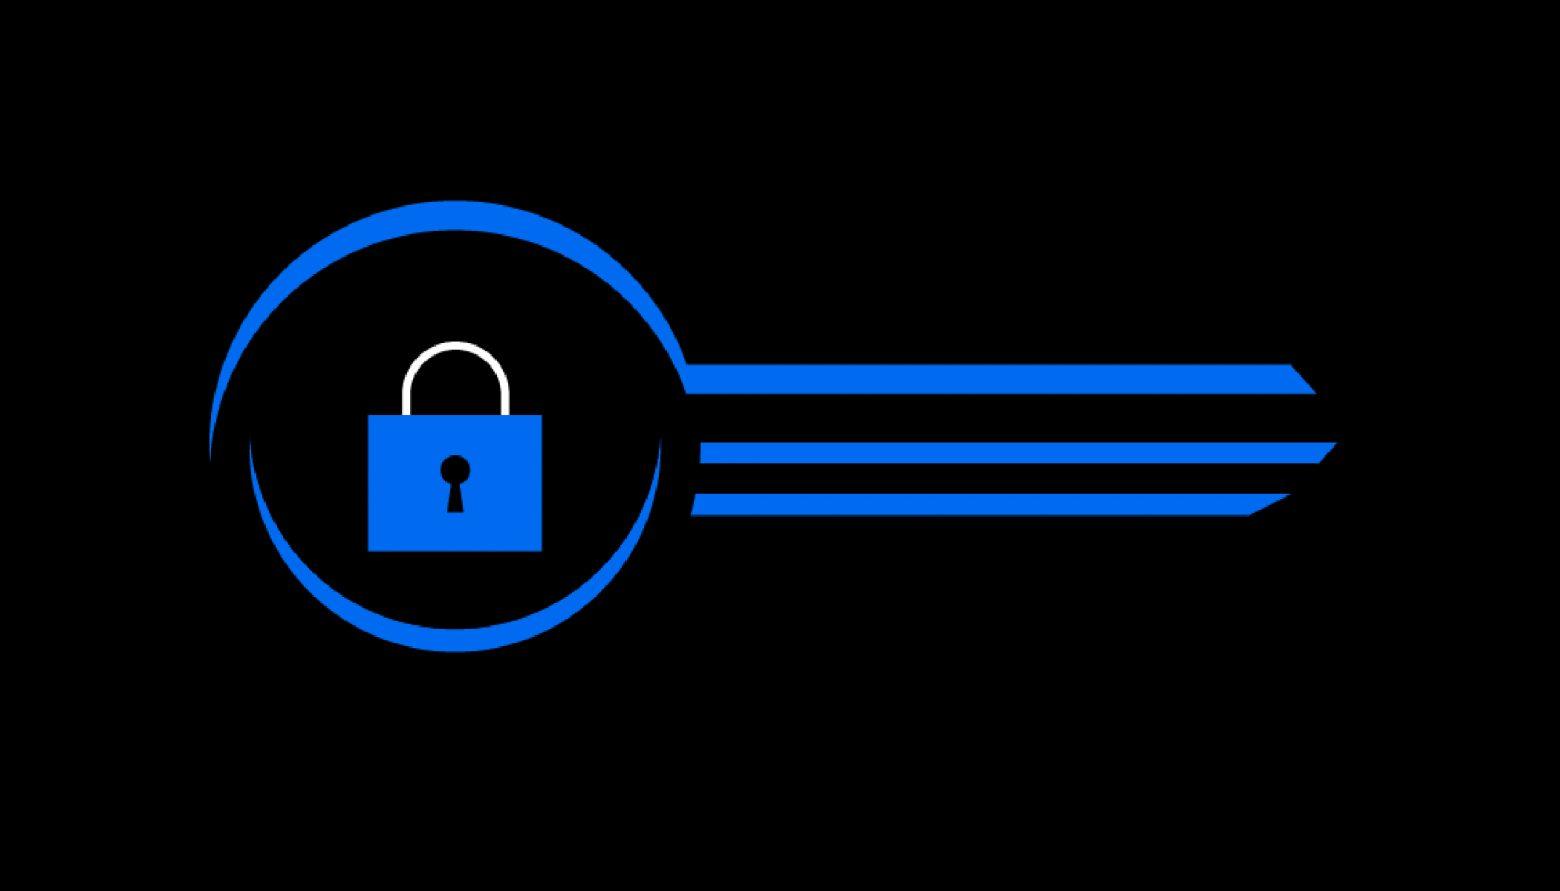 คีย์ความปลอดภัยของเครือข่าย